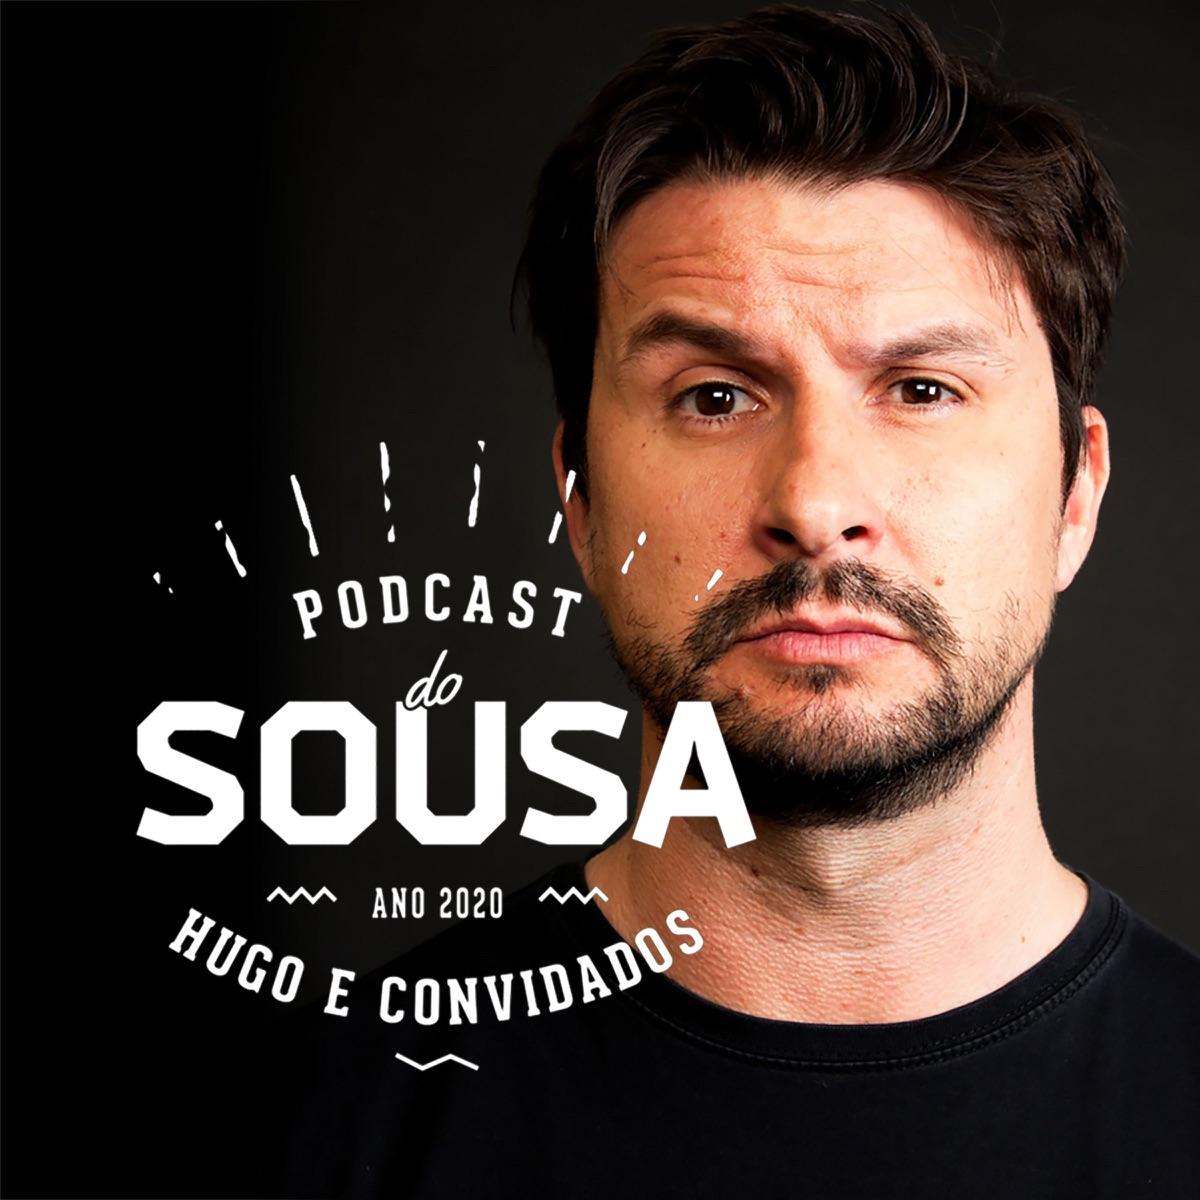 Podcast do Sousa